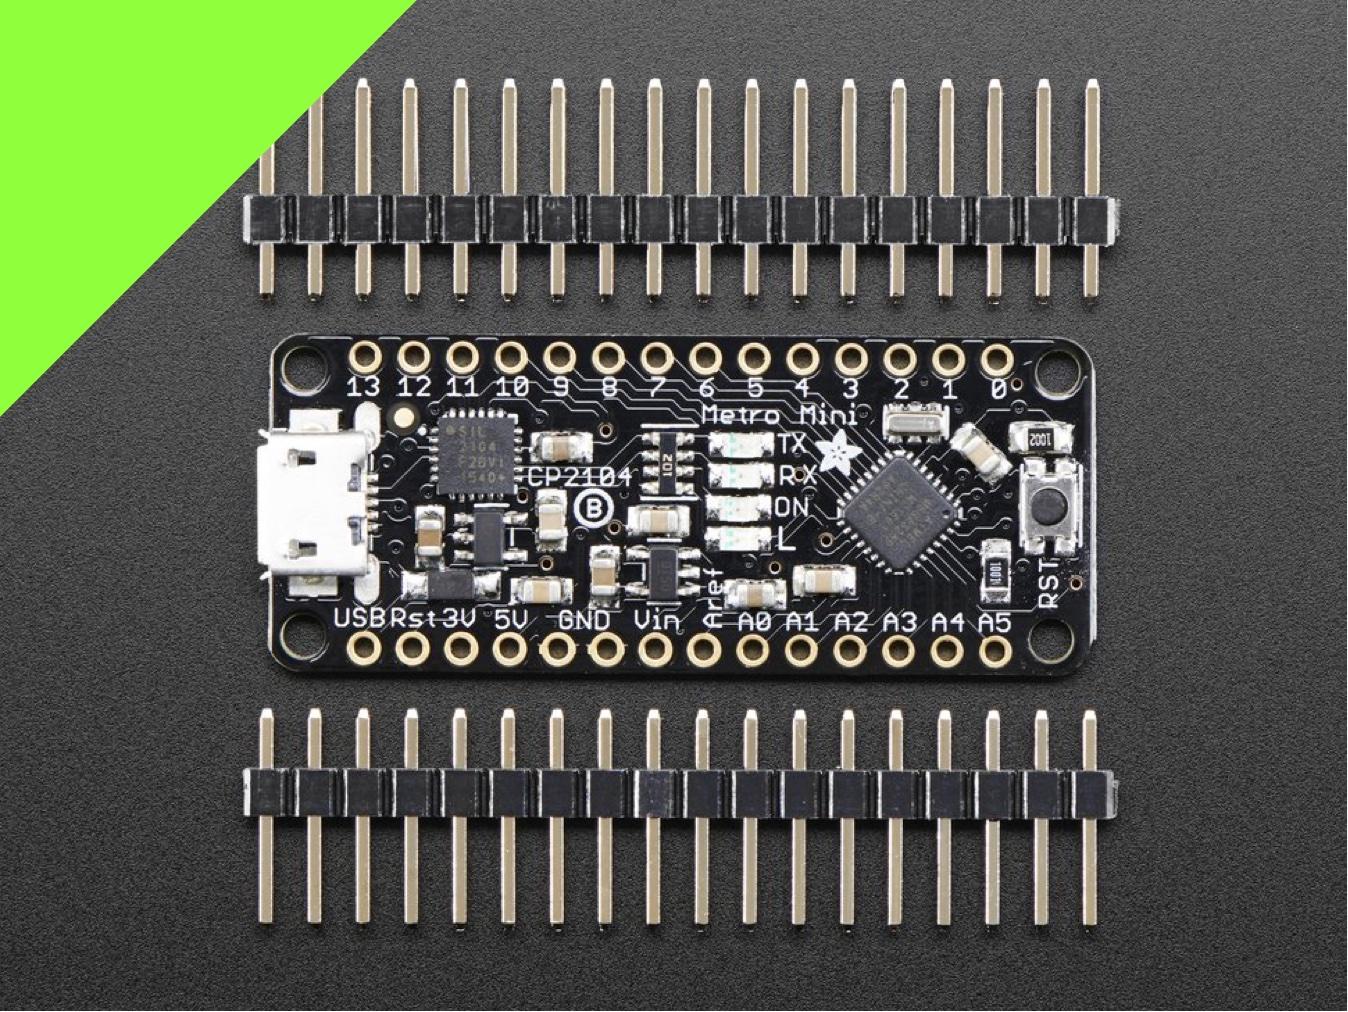 microcontrollers_metro-mini.jpg